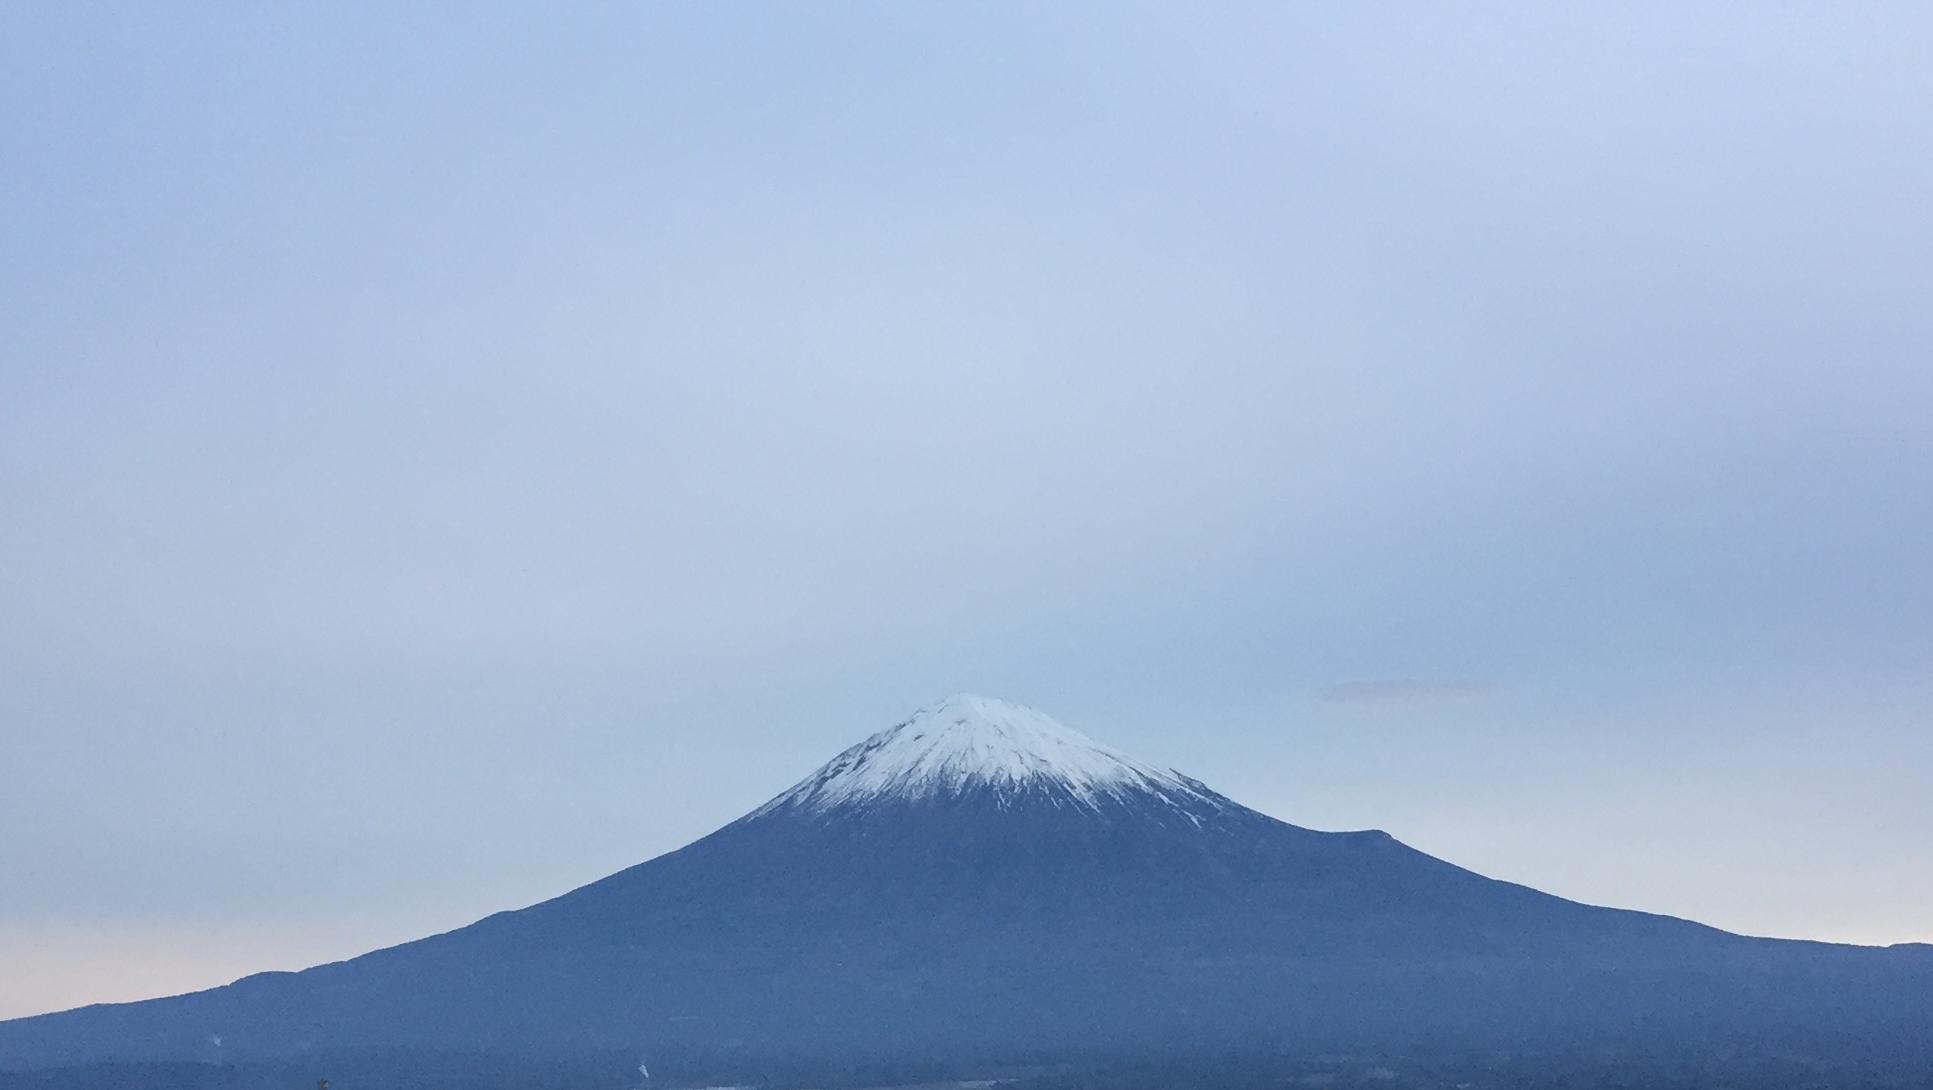 2017年1月8日の富士山の写真